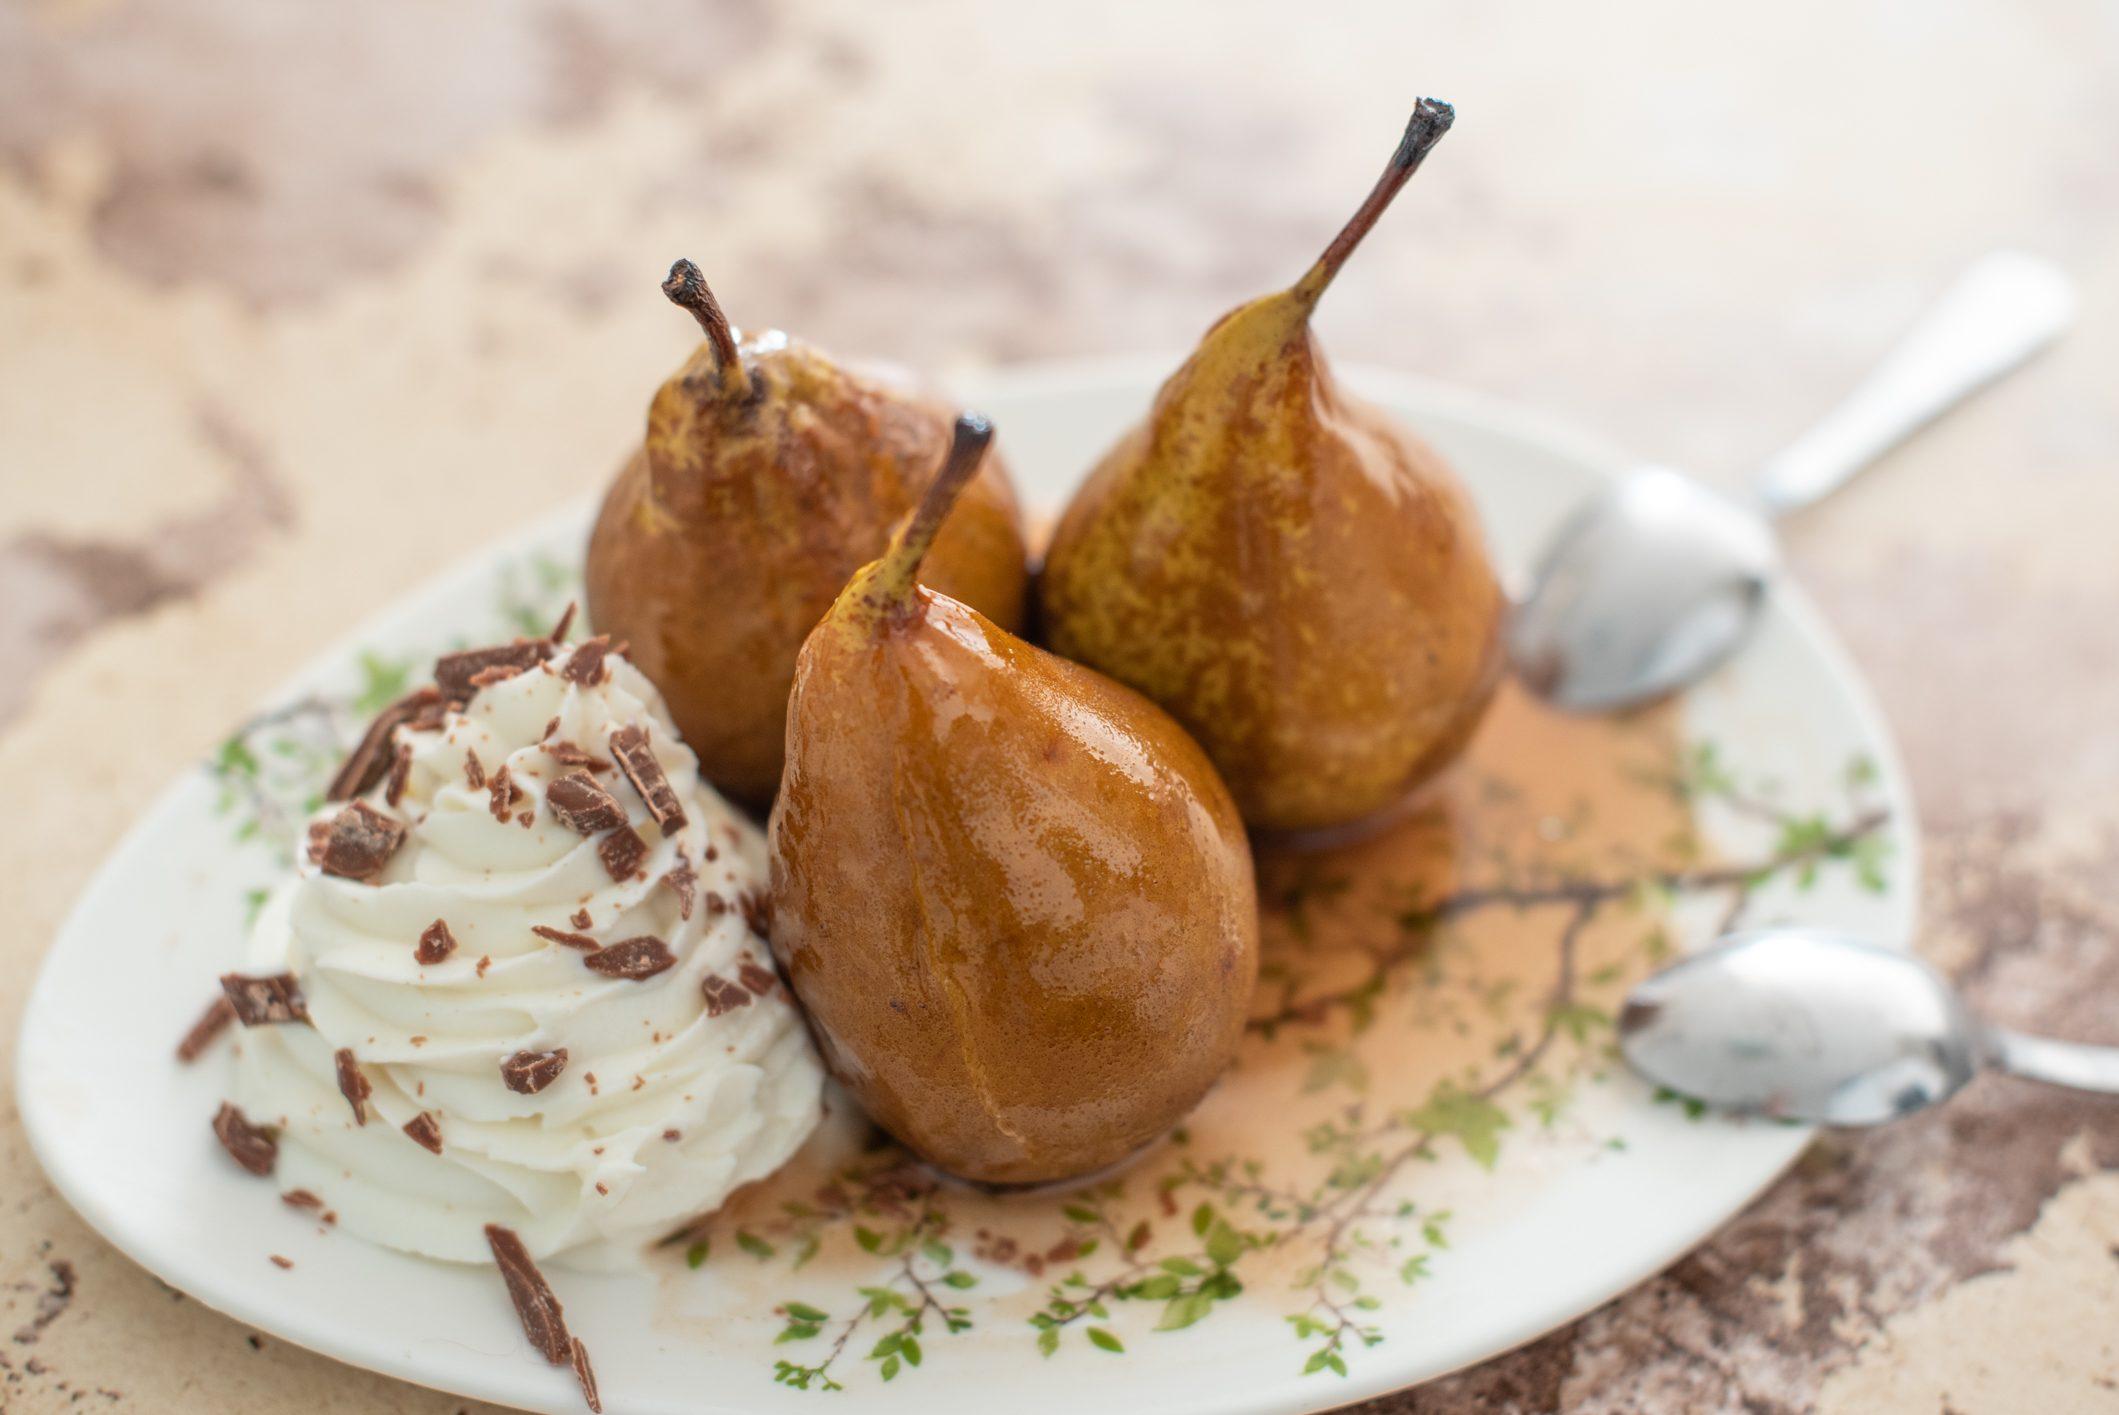 Pere caramellate: la ricetta del dessert elegante e squisito con crema di ricotta